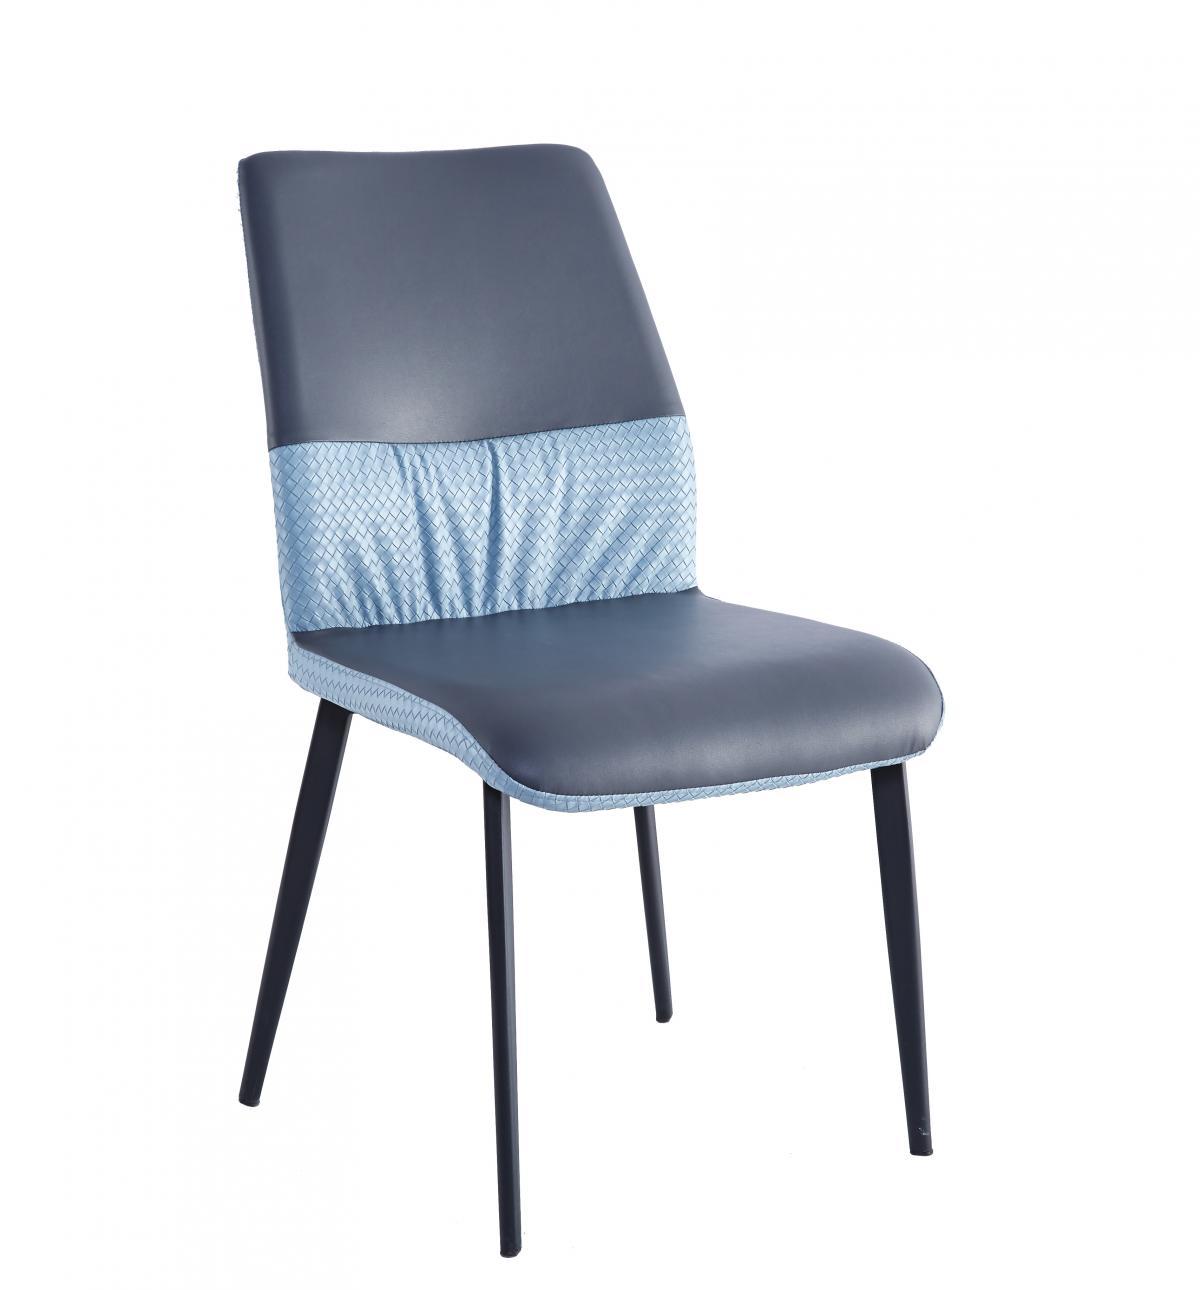 北欧轻奢家用靠背椅简约现代休闲软包餐椅餐厅酒店经济型化妆凳子